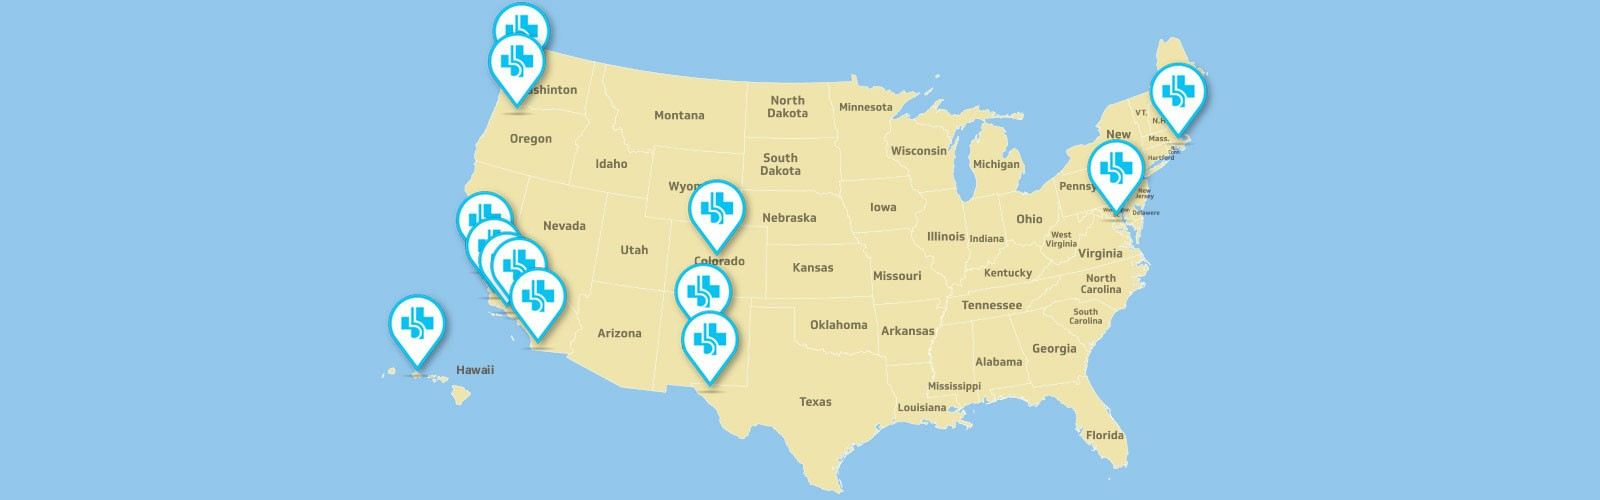 2020 BHW Website Map banner v3